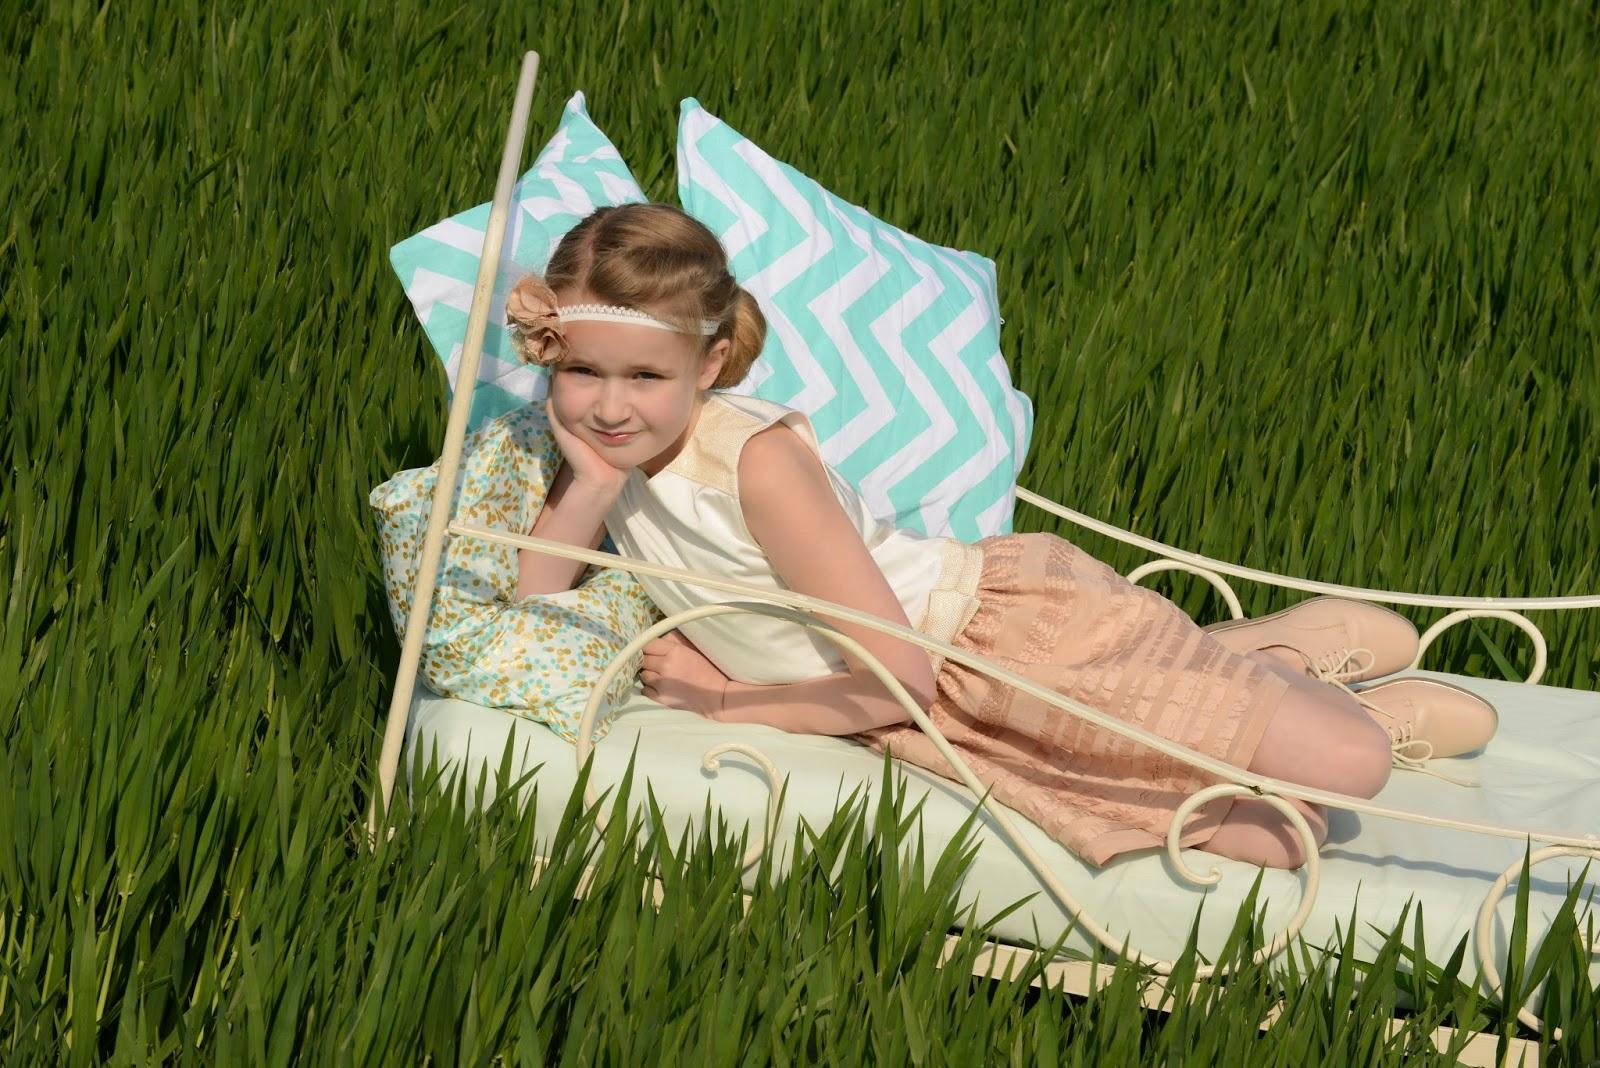 DIY communiejurk communiekleed naaien sewing SVDHZ stof voor durf het zelfers